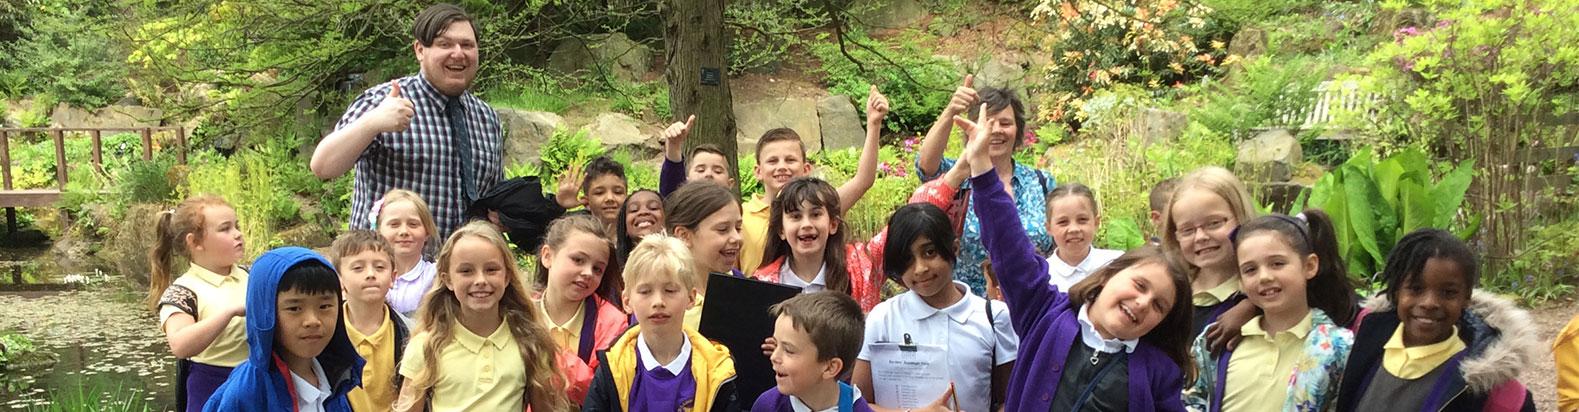 Nursery School Trips Birmingham